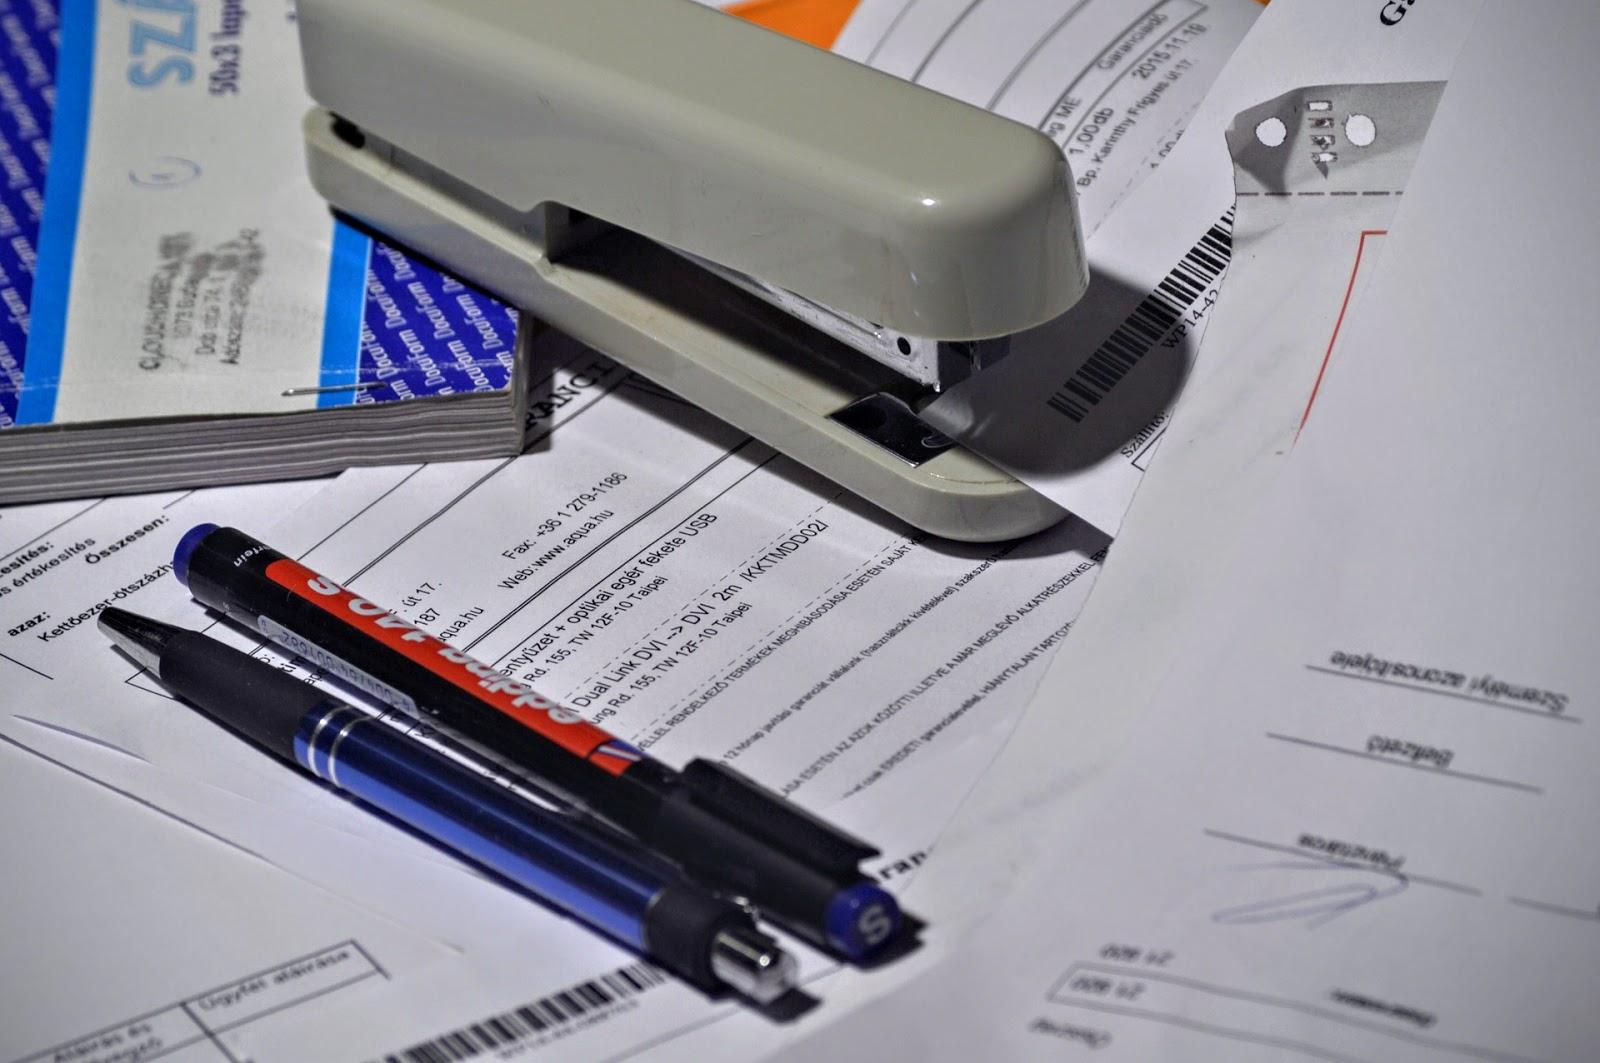 Rechnungsprofi Software Tools Softwareentwicklung Rechnungen